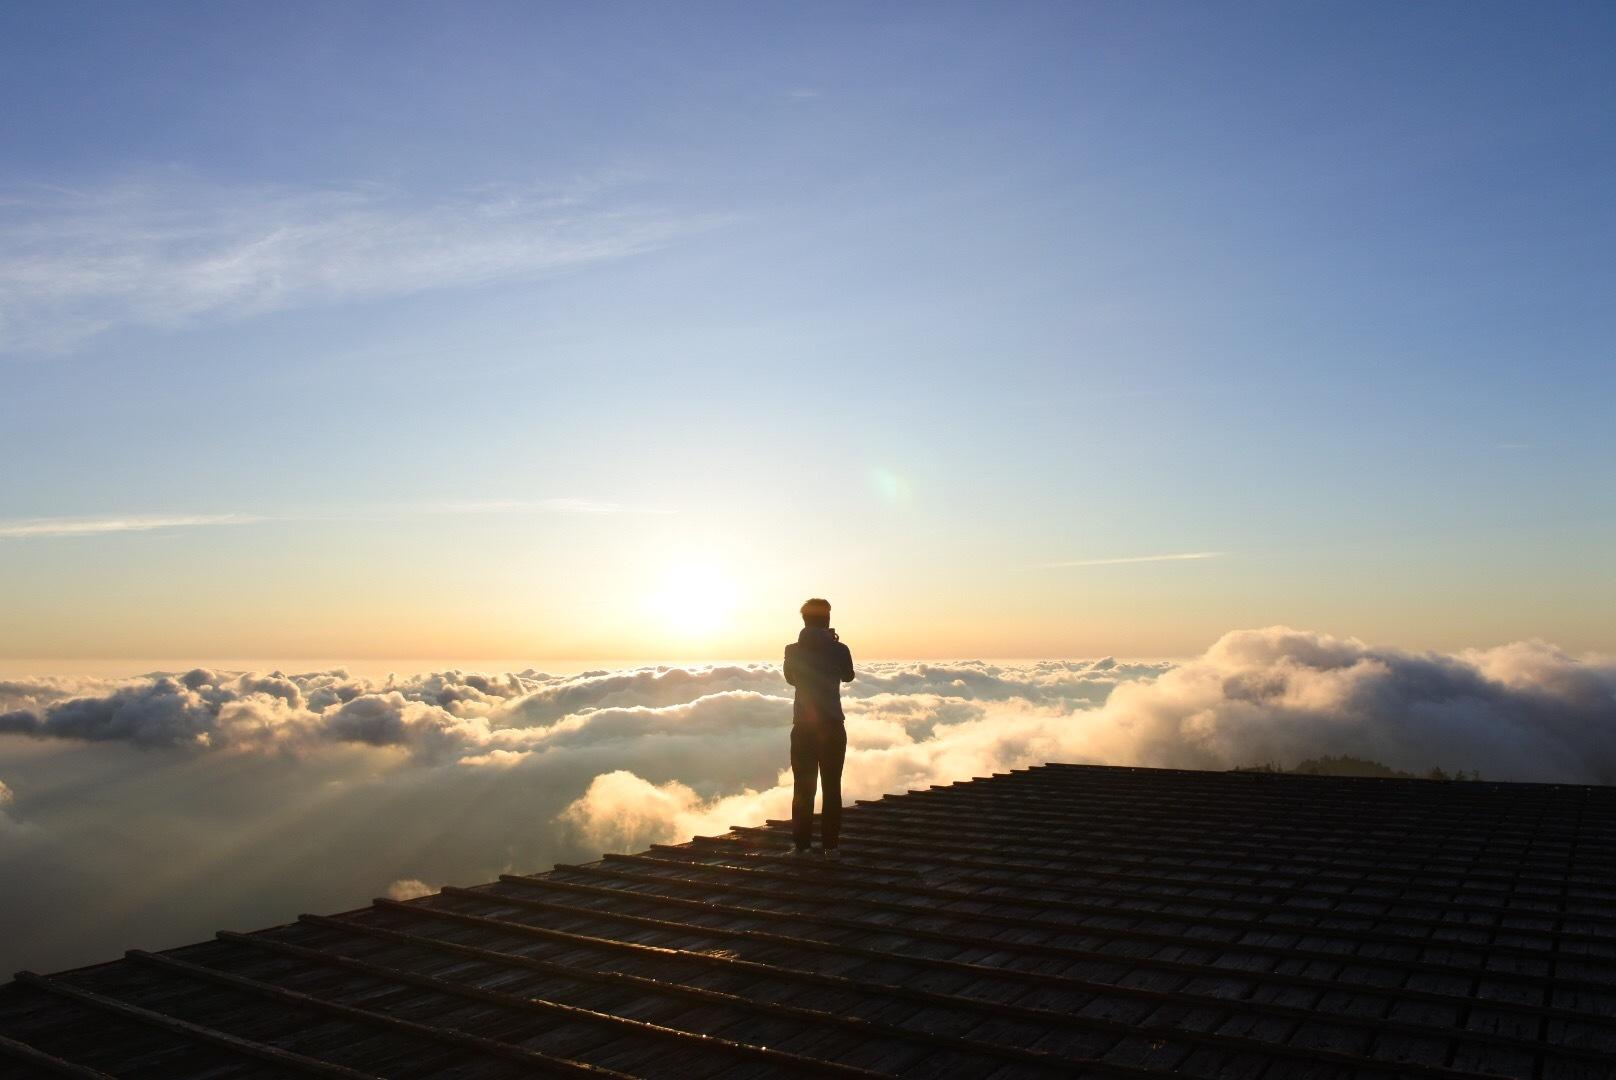 ファンハウス登山部、剣山へ行く_f0203164_18095097.jpg